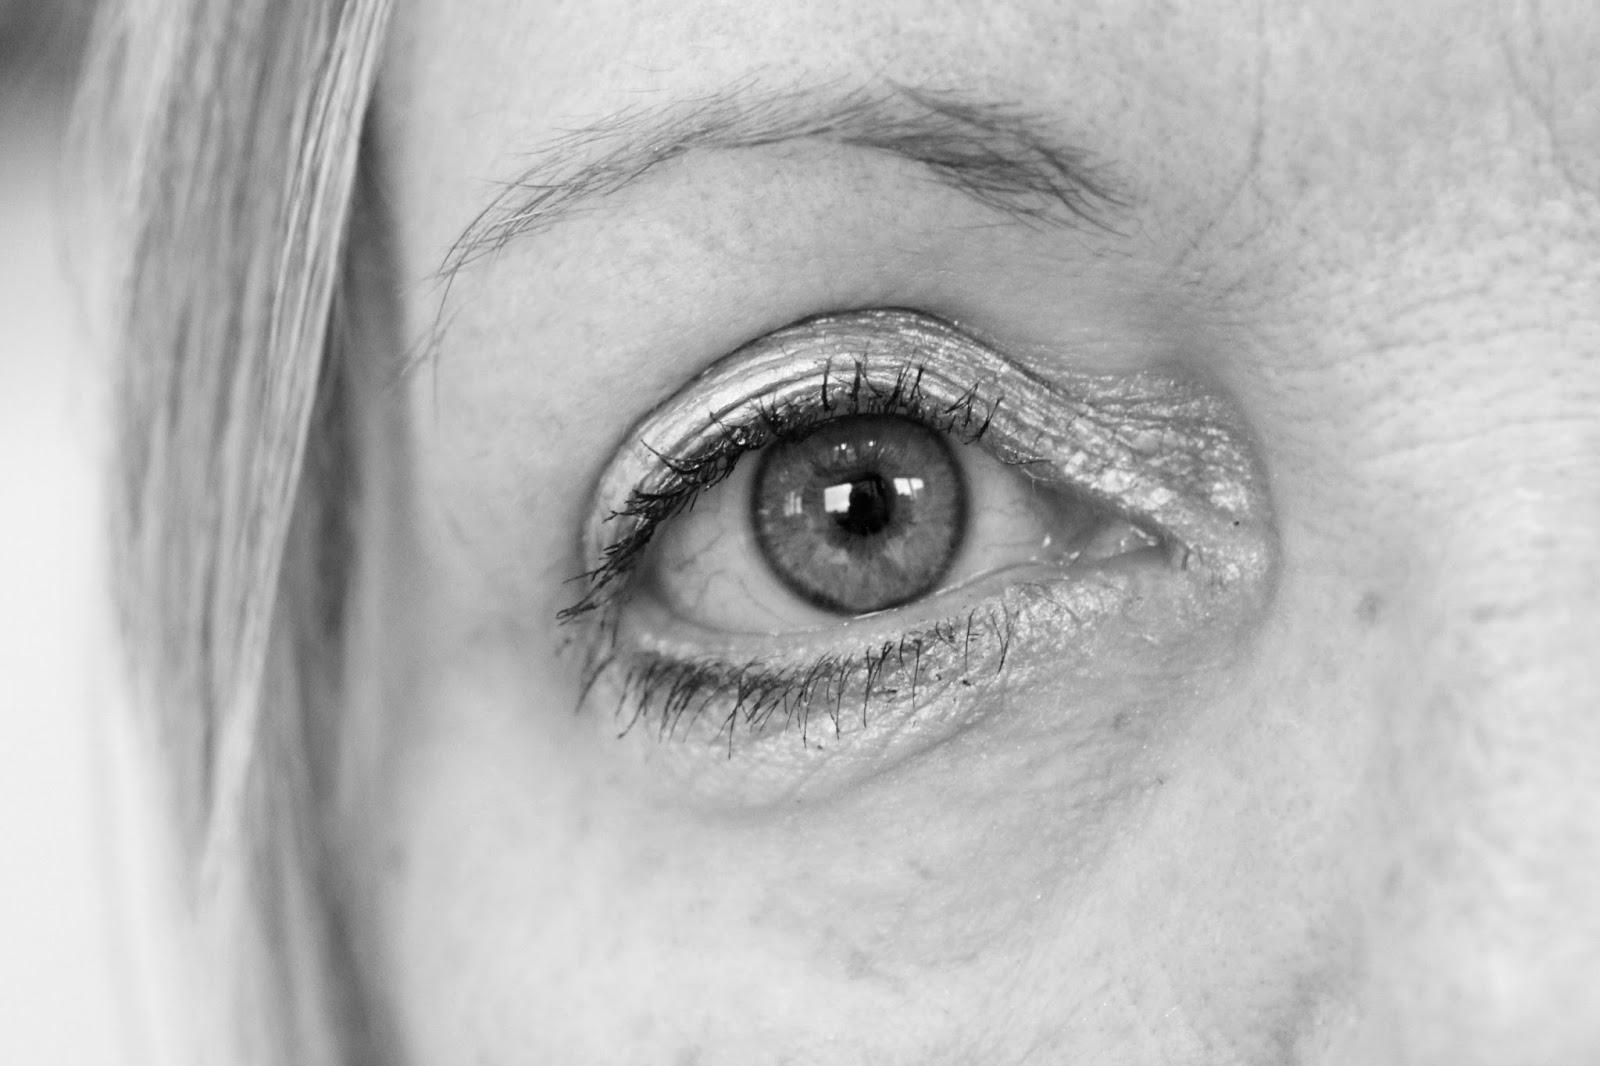 #one Liftingserum, anti aging, anti falten serum, anwendung, augenlifting, augenringe kaschieren, beauty argument, erfahrung, eyesential, feuchtigkeit, hyaluron, mimikfalten, review, soforteffekt, weichzeichner,